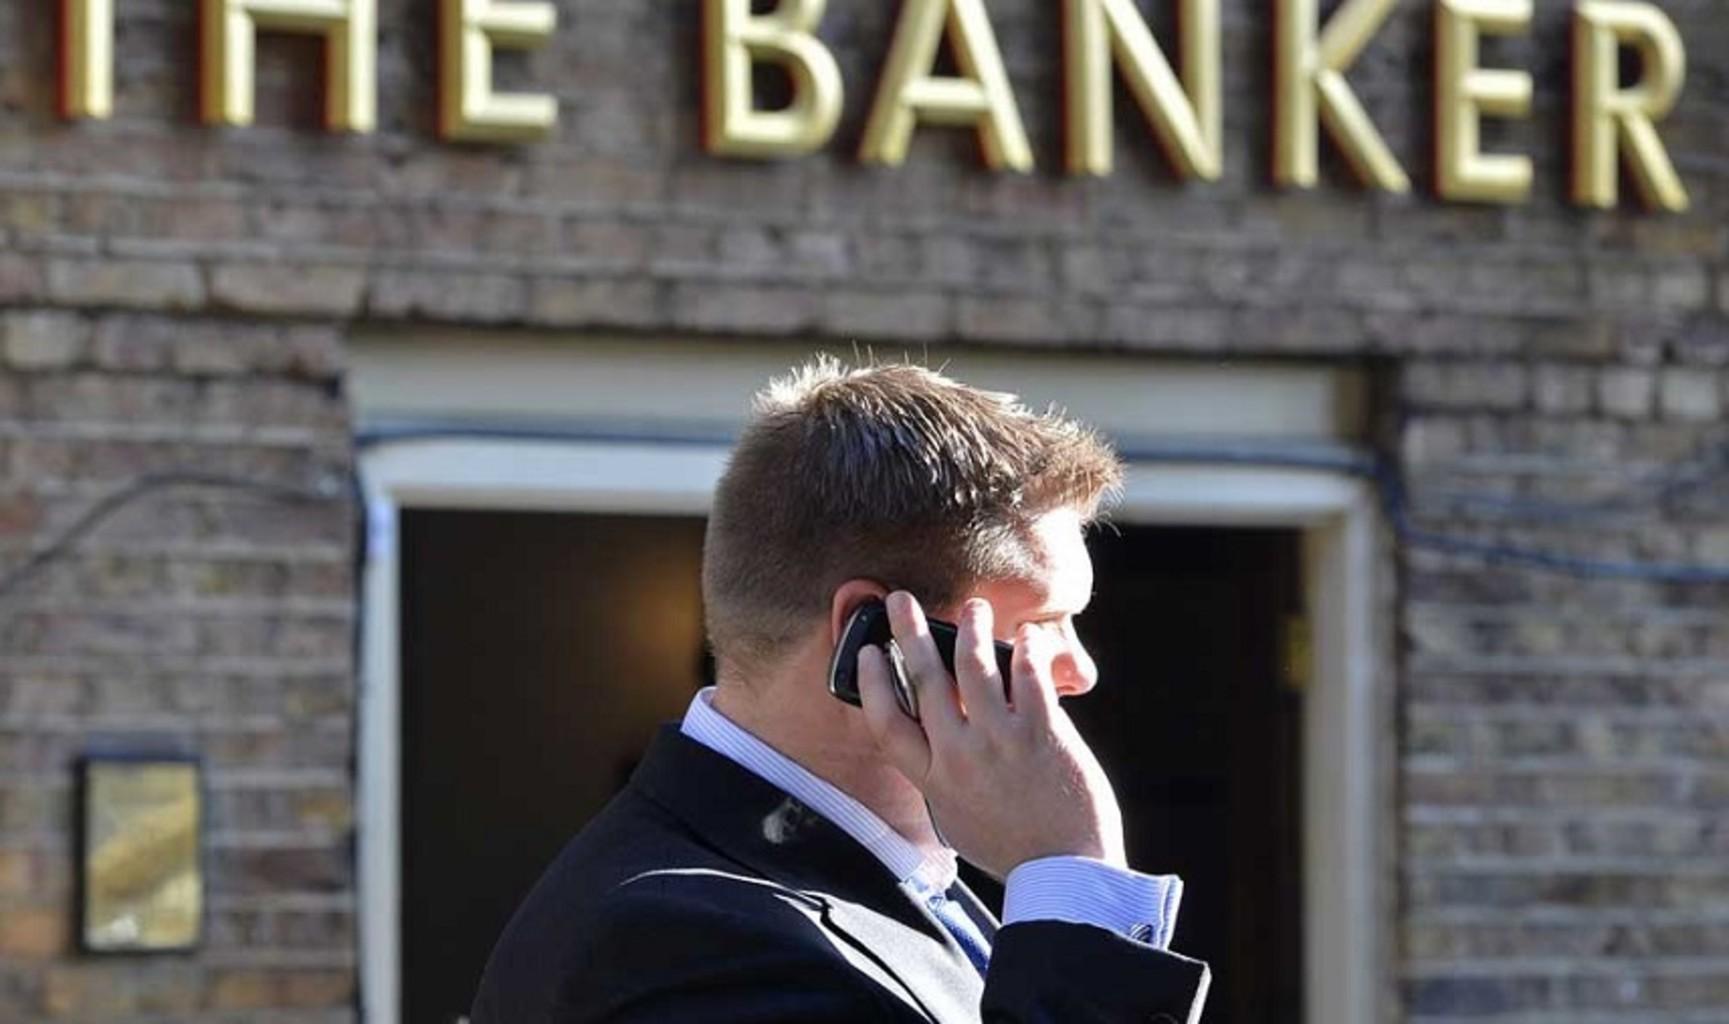 Картинки банкиров профессия